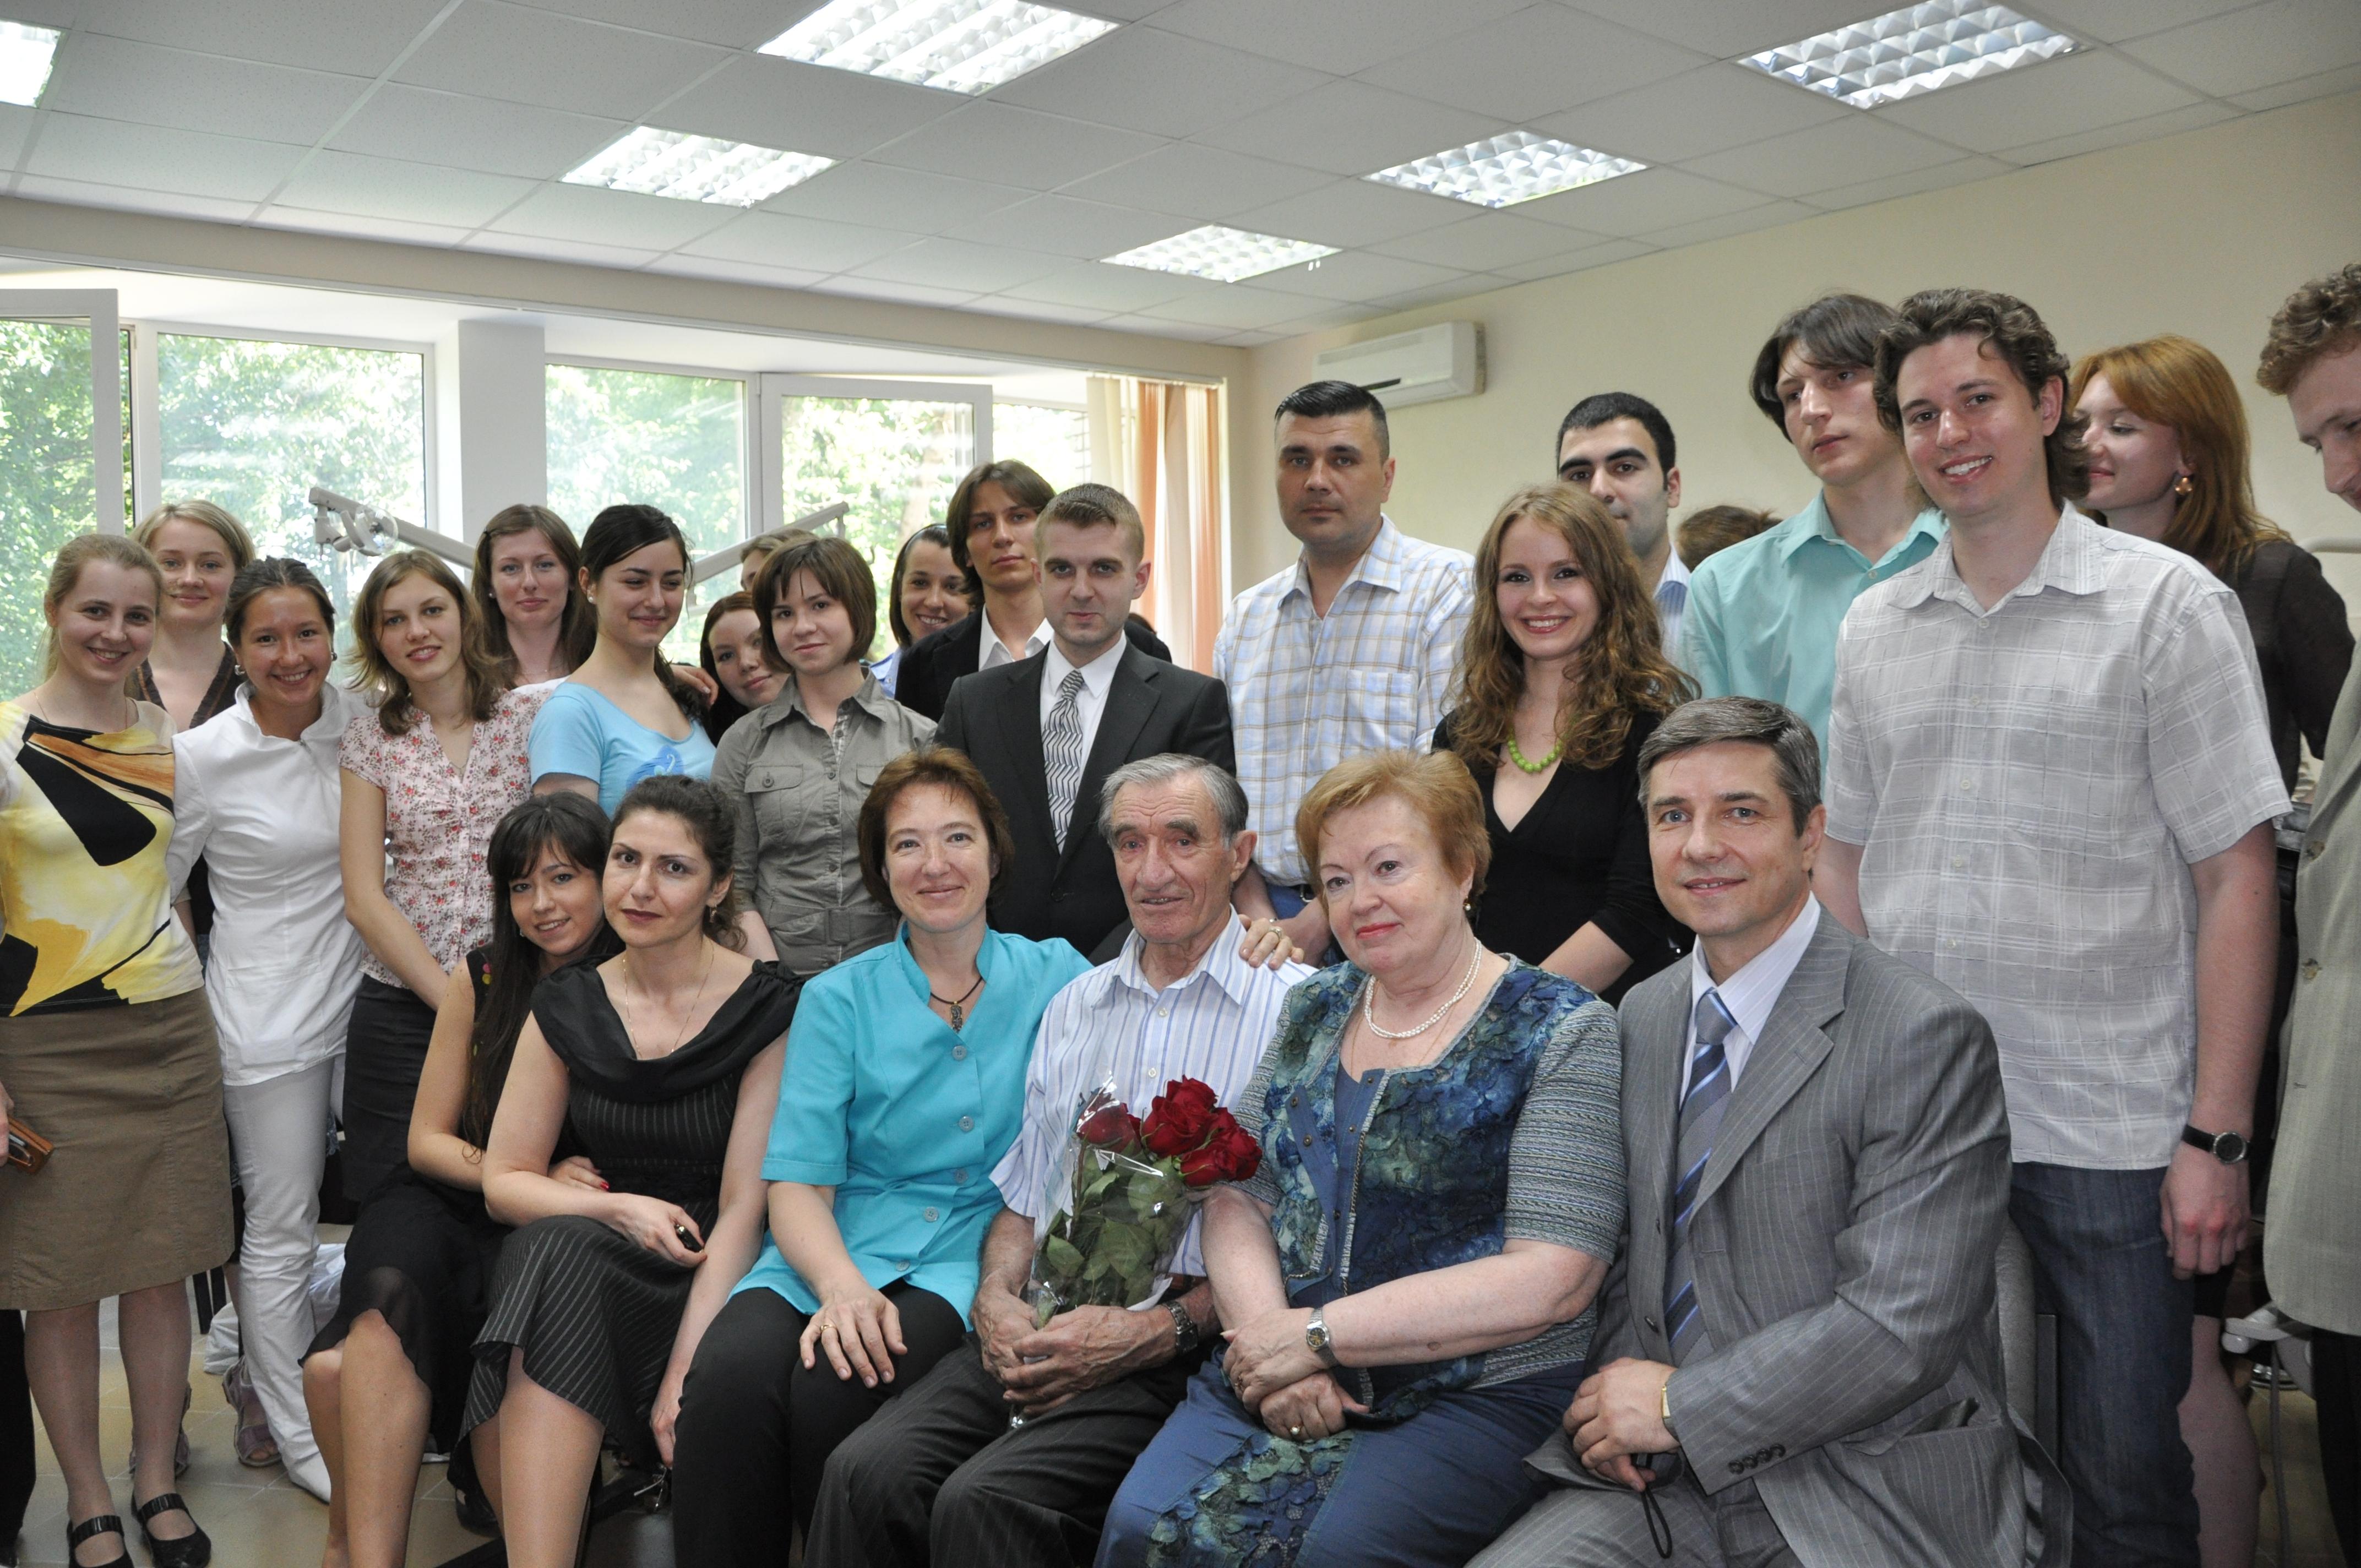 На кафедре приветствуем профессора Бороского Е.В. Он рассказал нам о своей жизни  во время великой отечественной войны